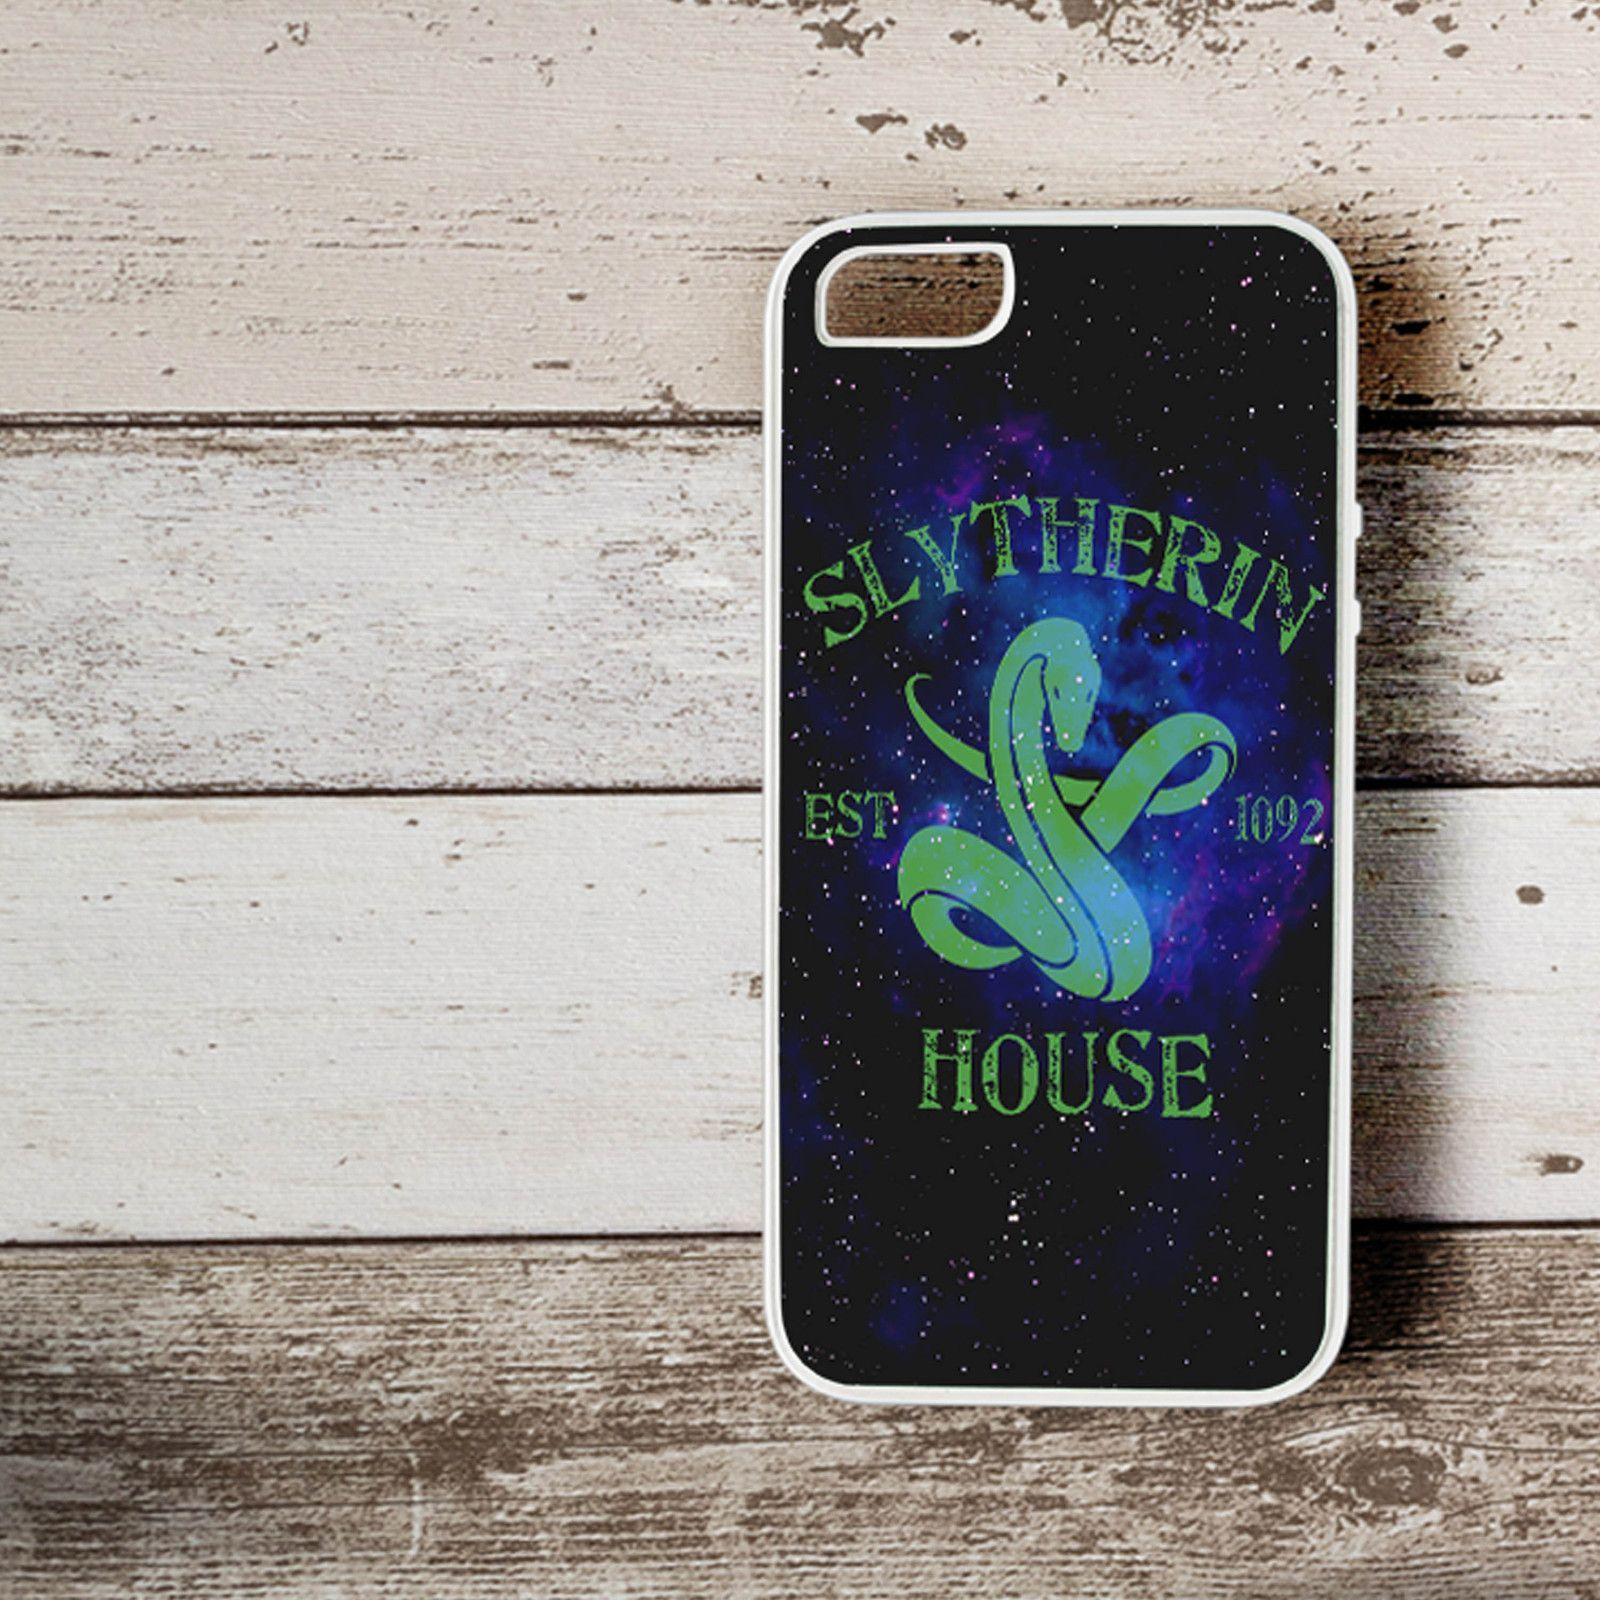 harry styles iphone case australia